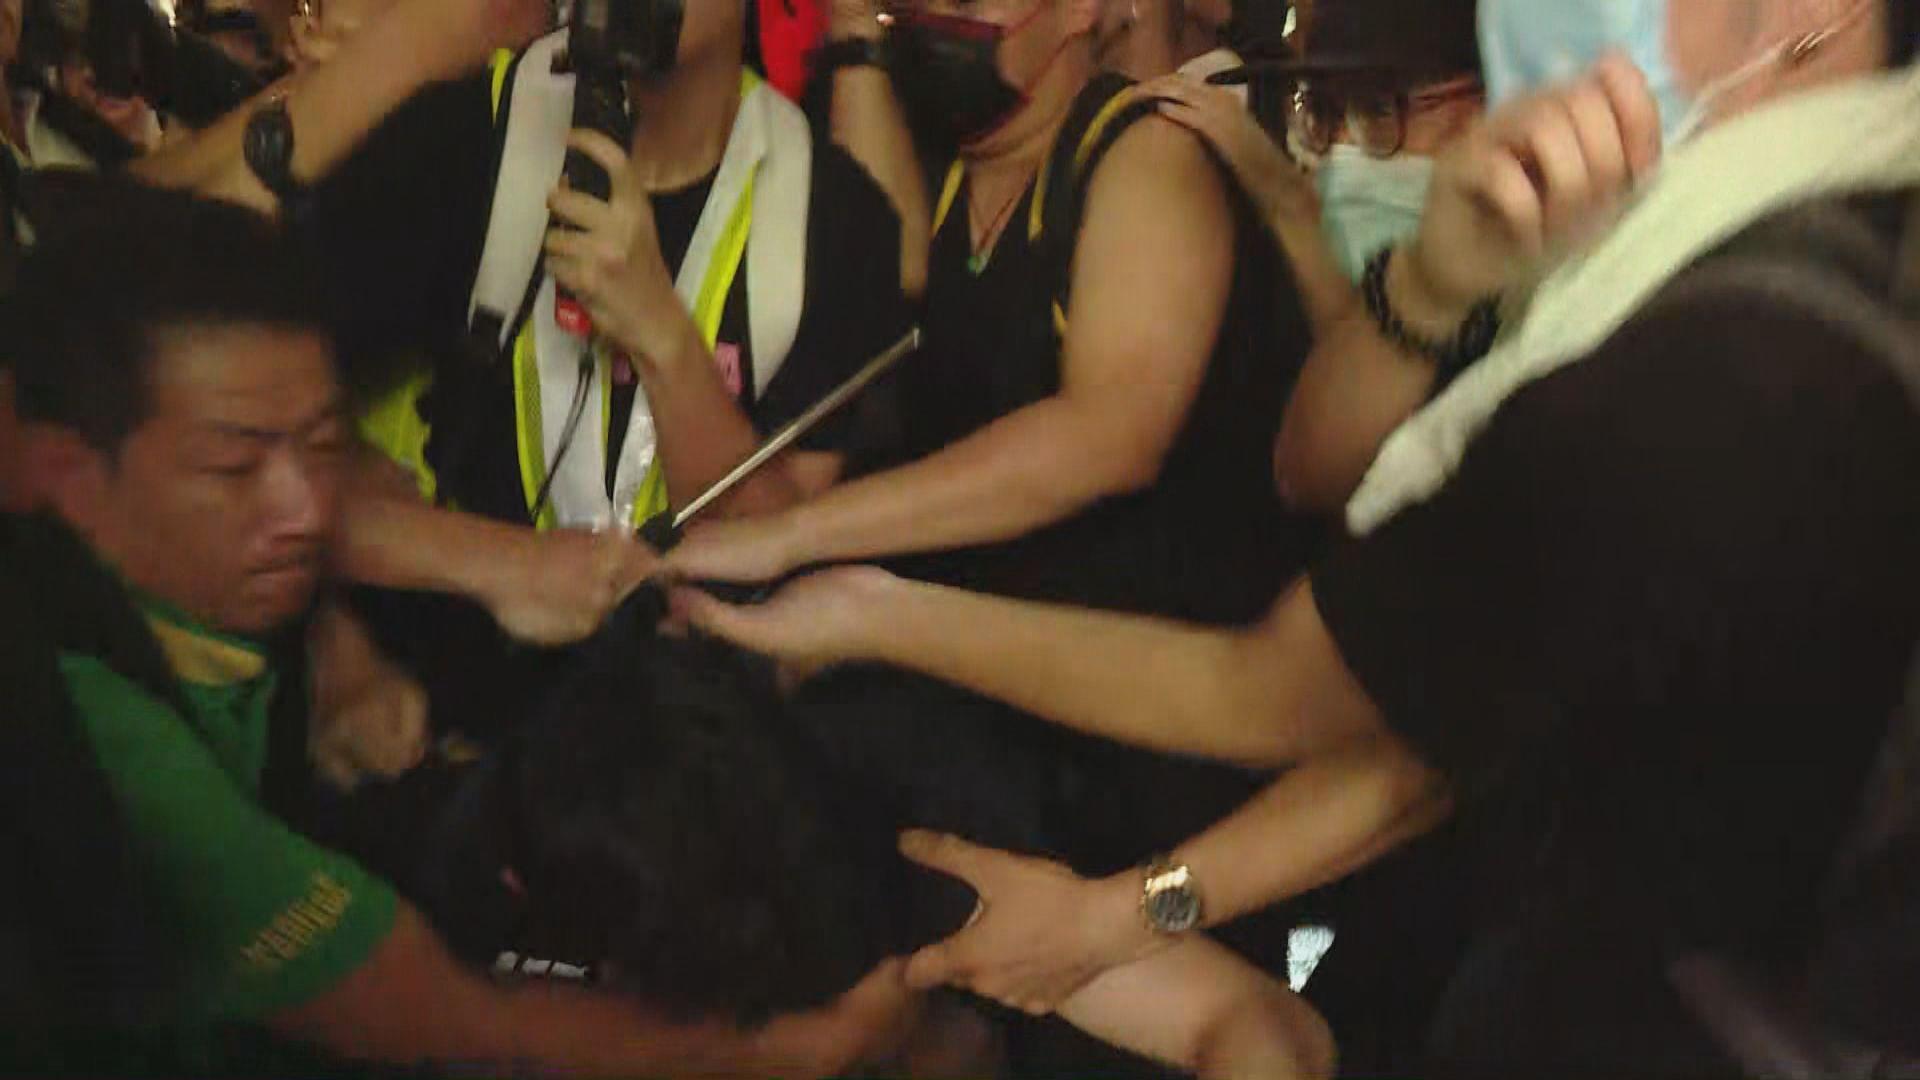 上水廣場外示威者與警方衝突 警出動胡椒噴劑